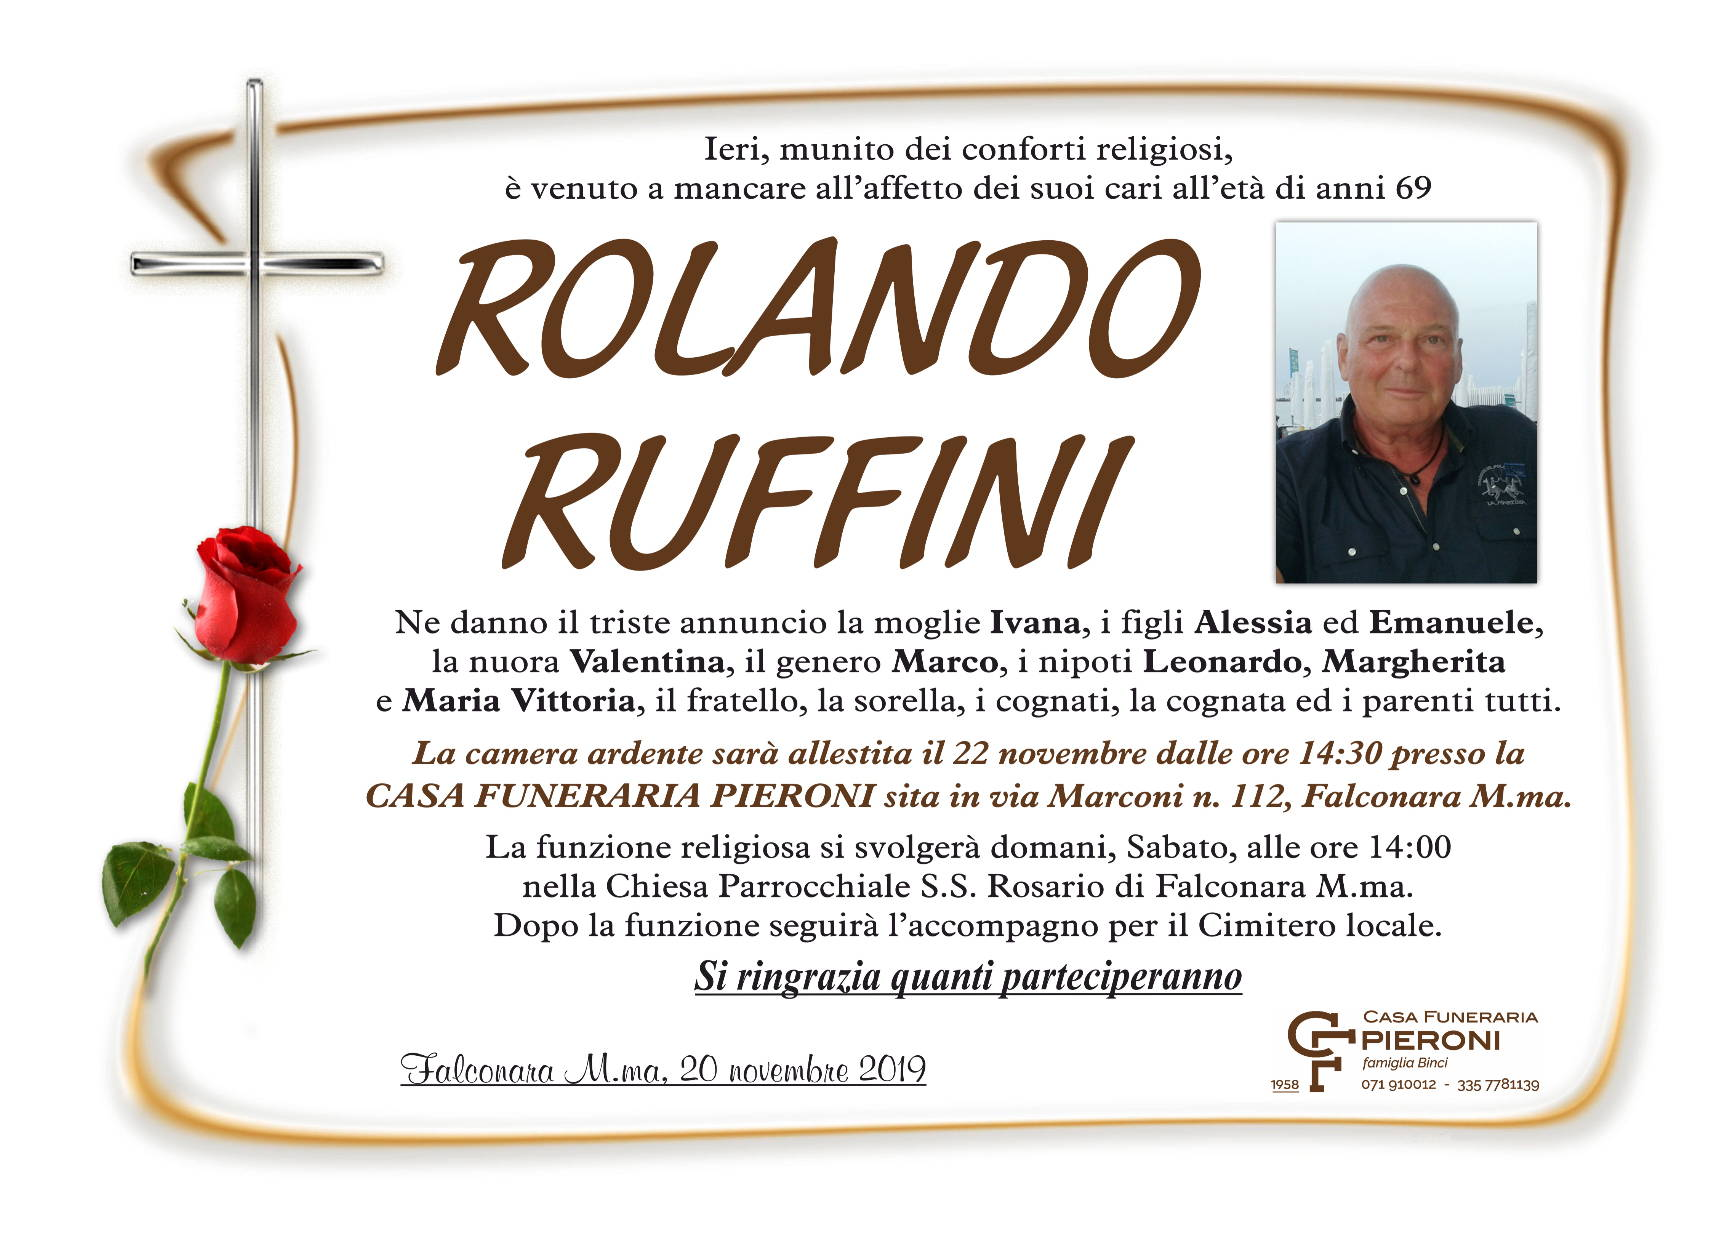 Rolando Ruffini